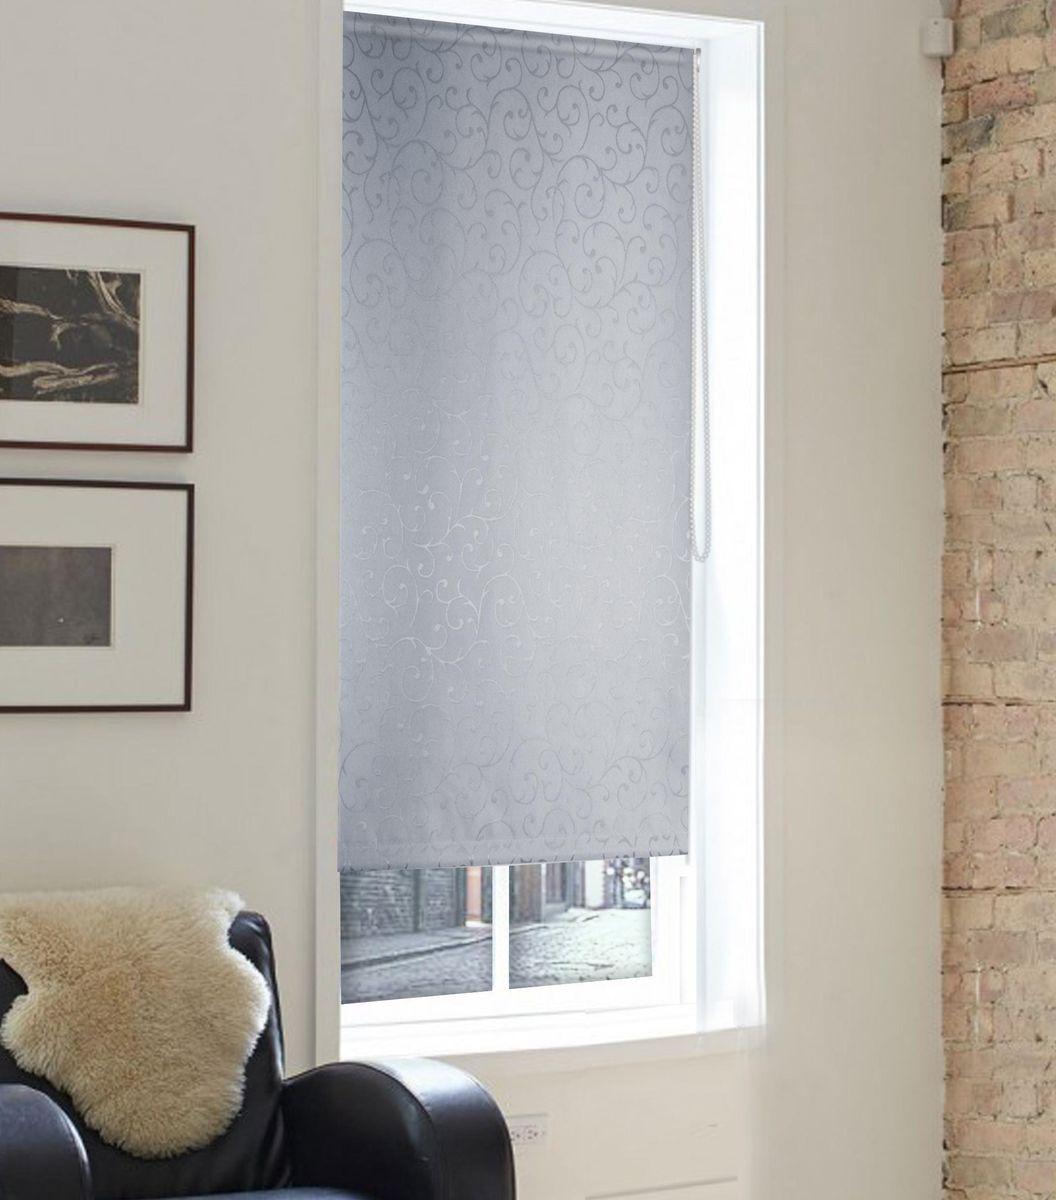 Штора рулонная Эскар Агат, цвет: серый, ширина 120 см, высота 160 см88929160160Рулонными шторами можно оформлять окна как самостоятельно, так и использовать в комбинации с портьерами. Это поможет предотвратить выгорание дорогой ткани на солнце и соединит функционал рулонных с красотой навесных.Преимущества применения рулонных штор для пластиковых окон:- имеют прекрасный внешний вид: многообразие и фактурность материала изделия отлично смотрятся в любом интерьере; - многофункциональны: есть возможность подобрать шторы способные эффективно защитить комнату от солнца, при этом она не будет слишком темной.- Есть возможность осуществить быстрый монтаж.ВНИМАНИЕ! Размеры ширины изделия указаны по ширине ткани!Во время эксплуатации не рекомендуется полностью разматывать рулон, чтобы не оторвать ткань от намоточного вала.В случае загрязнения поверхности ткани, чистку шторы проводят одним из способов, в зависимости от типа загрязнения: легкое поверхностное загрязнение можно удалить при помощи канцелярского ластика; чистка от пыли производится сухим методом при помощи пылесоса с мягкой щеткой-насадкой; для удаления пятна используйте мягкую губку с пенообразующим неагрессивным моющим средством или пятновыводитель на натуральной основе (нельзя применять растворители).